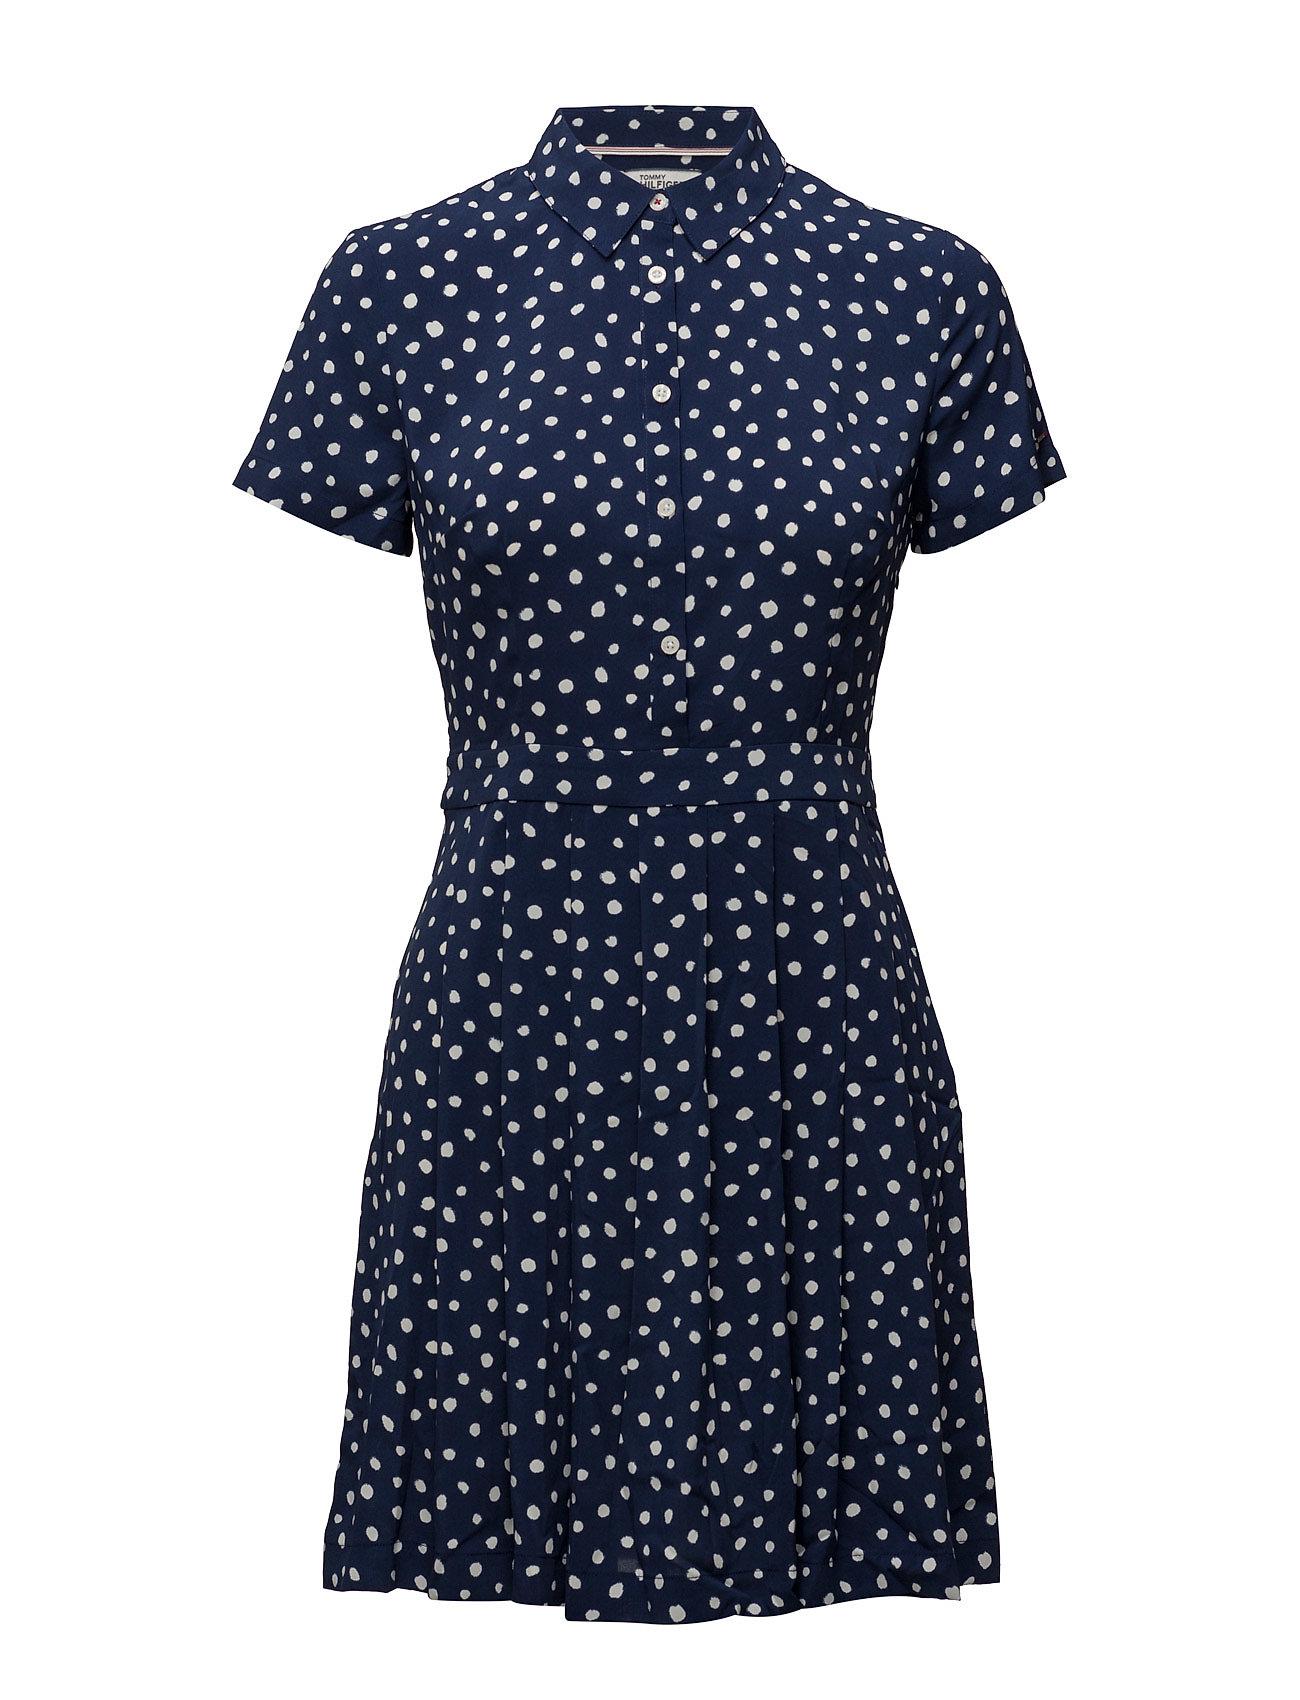 Thdw Basic Shirt Dress S/S 13 Hilfiger Denim Korte kjoler til Damer i Blå